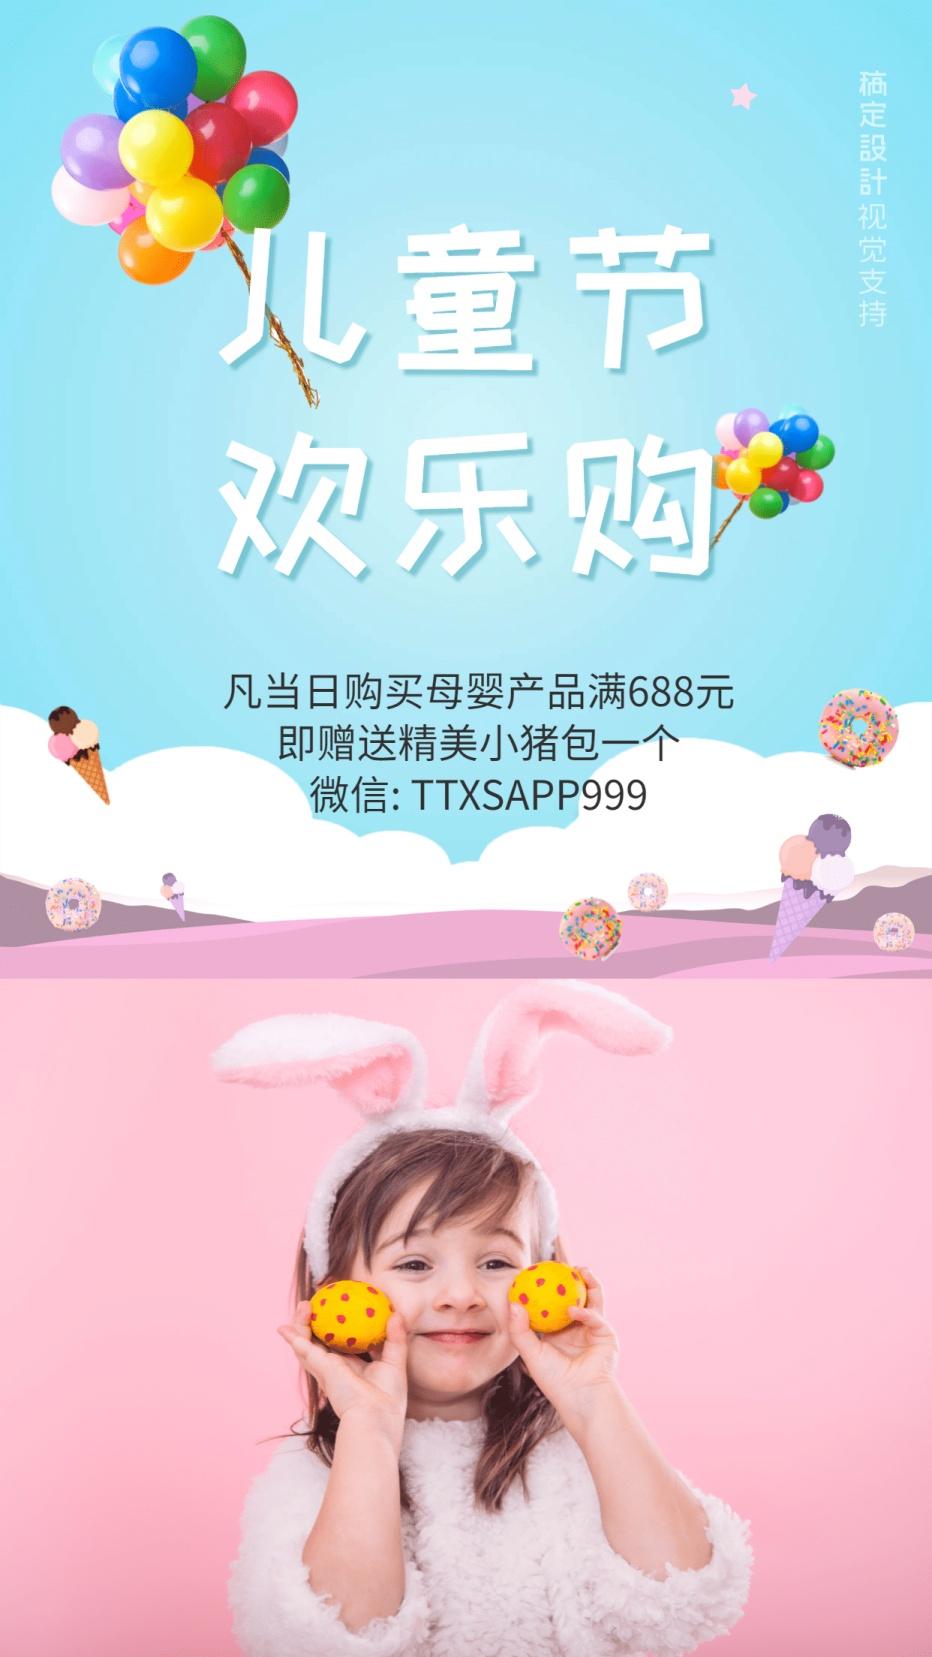 61儿童节欢乐购促销